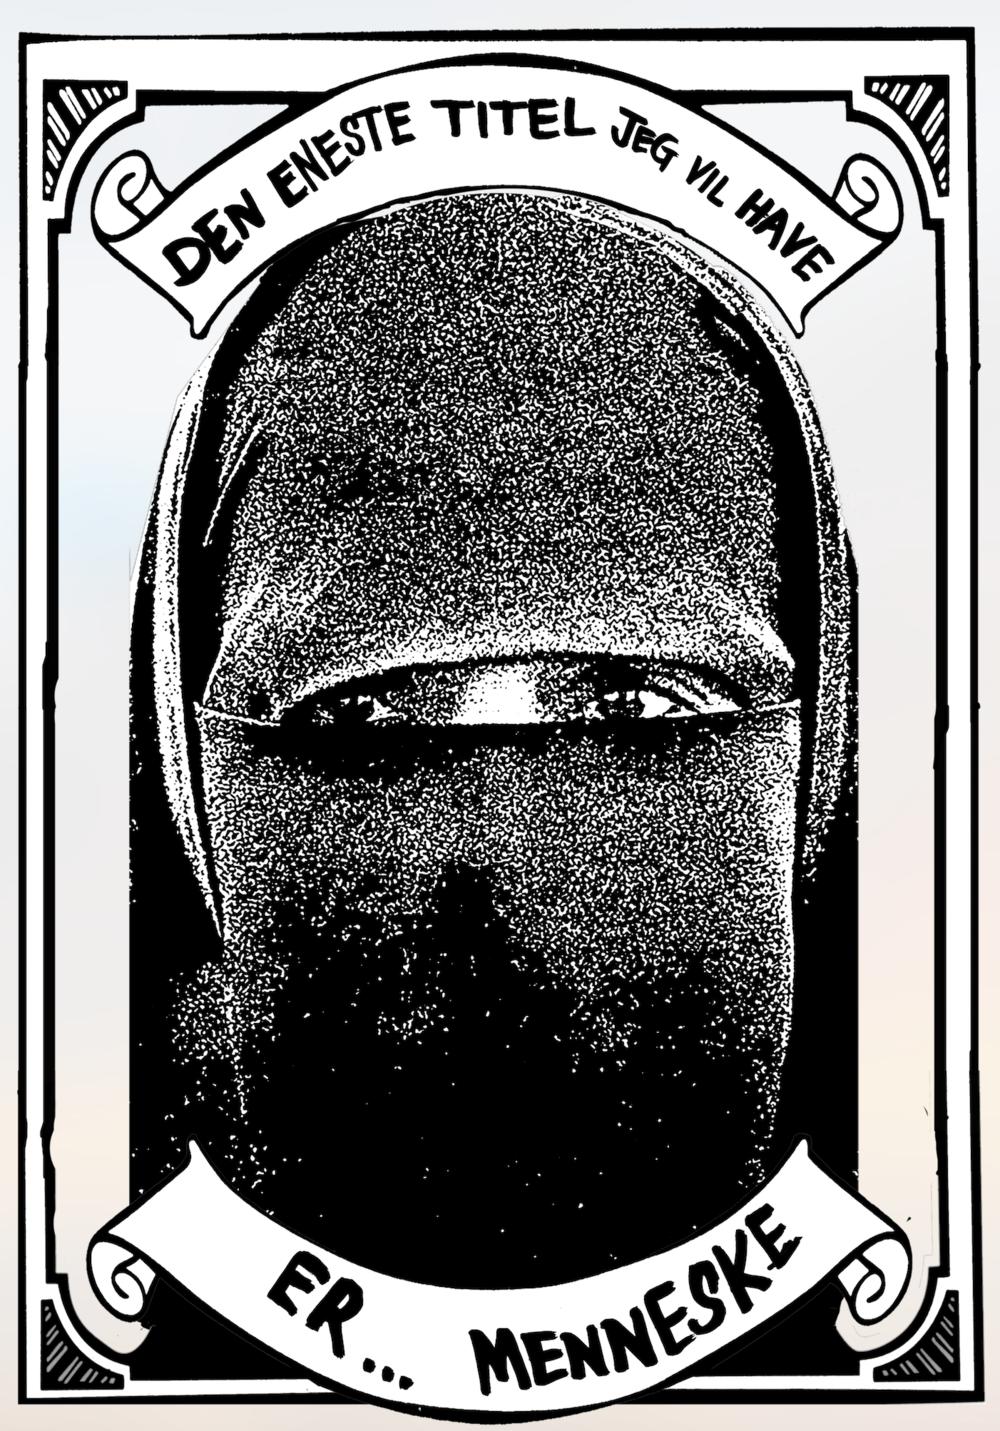 Abdul Dube,  Den eneste titel jeg vil have er... menneske  (2011/2018). Silketrykplakat, A2. © Abdul Dube